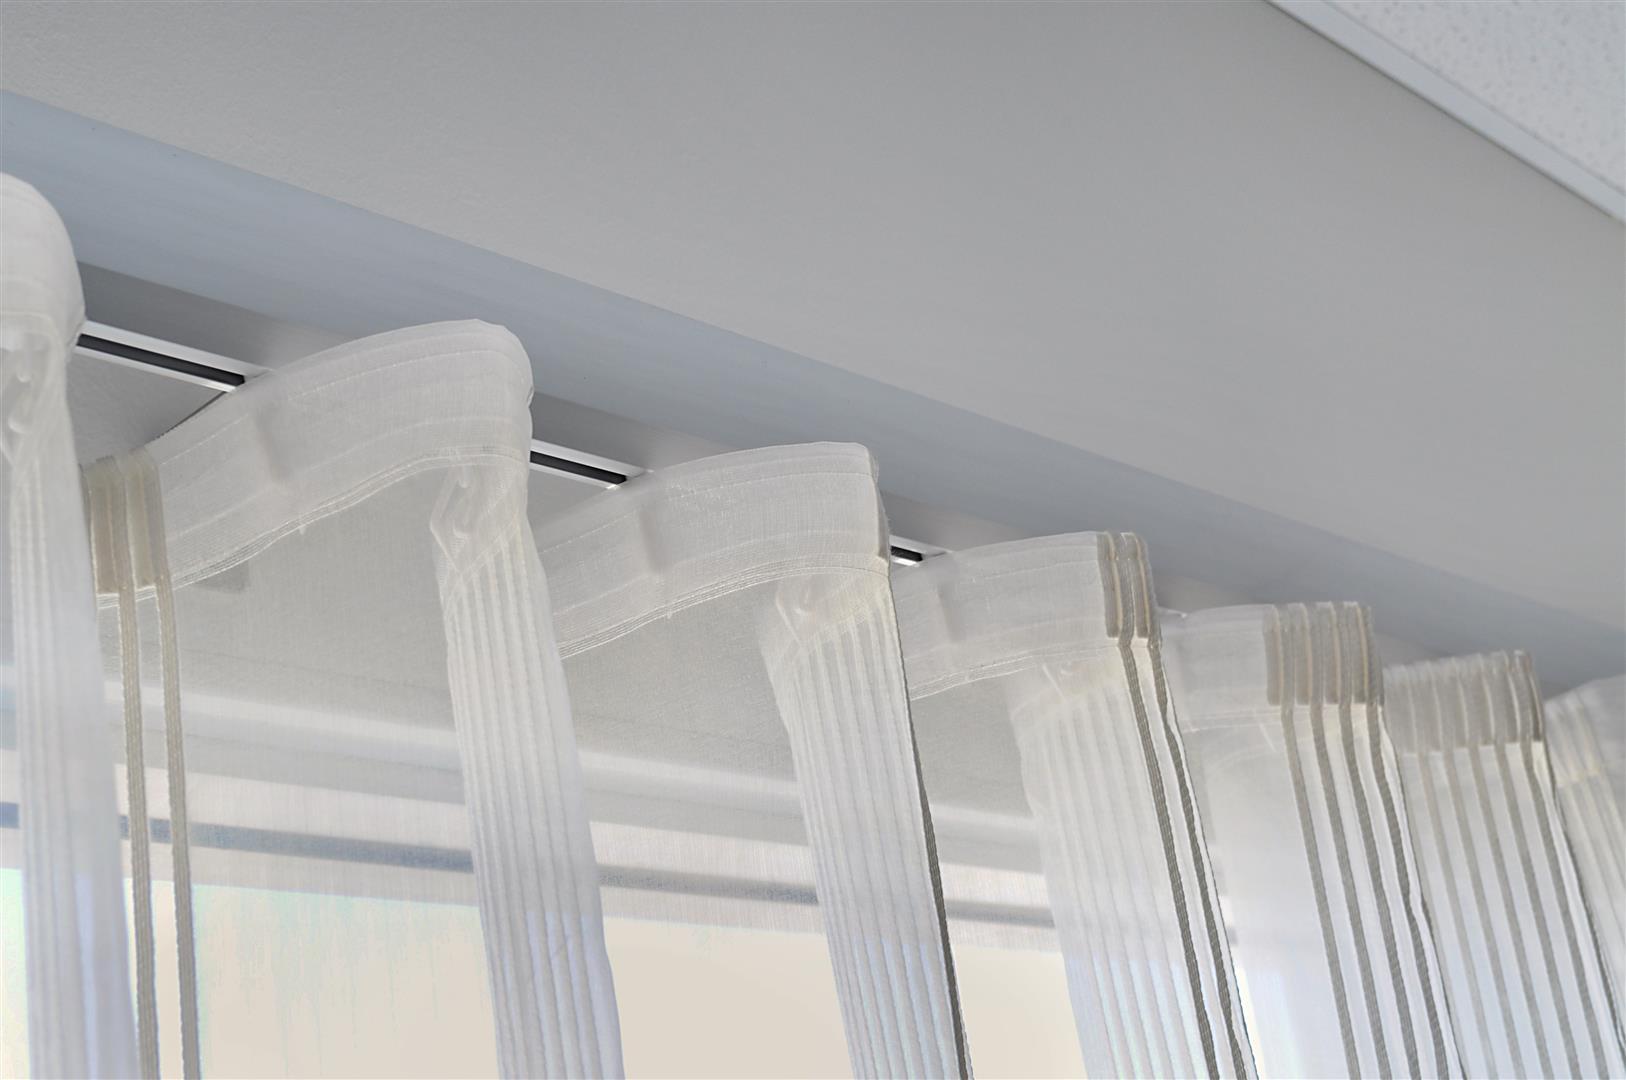 U Pleat Uni Q Curtain Installation